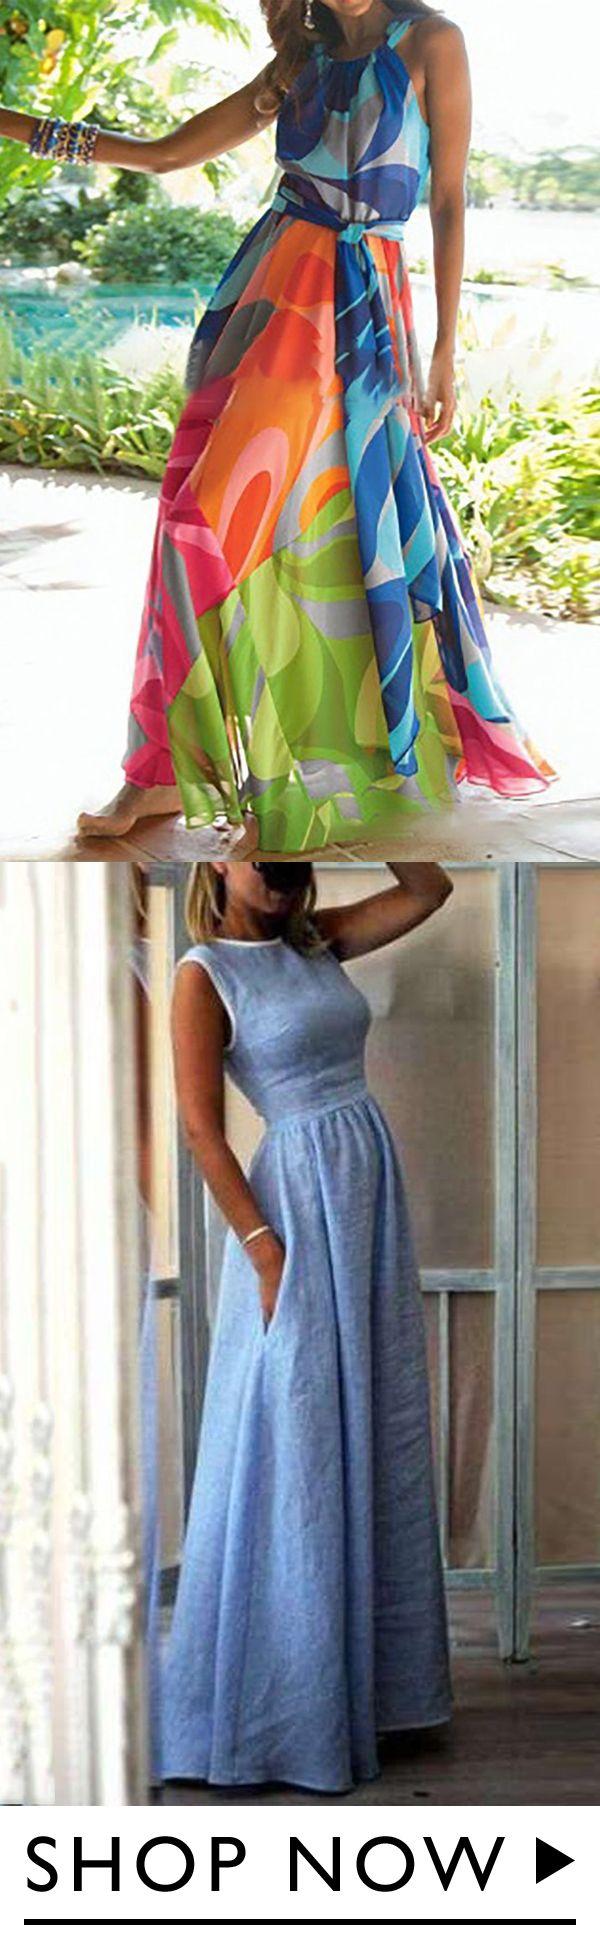 Abiti da donna bohemien